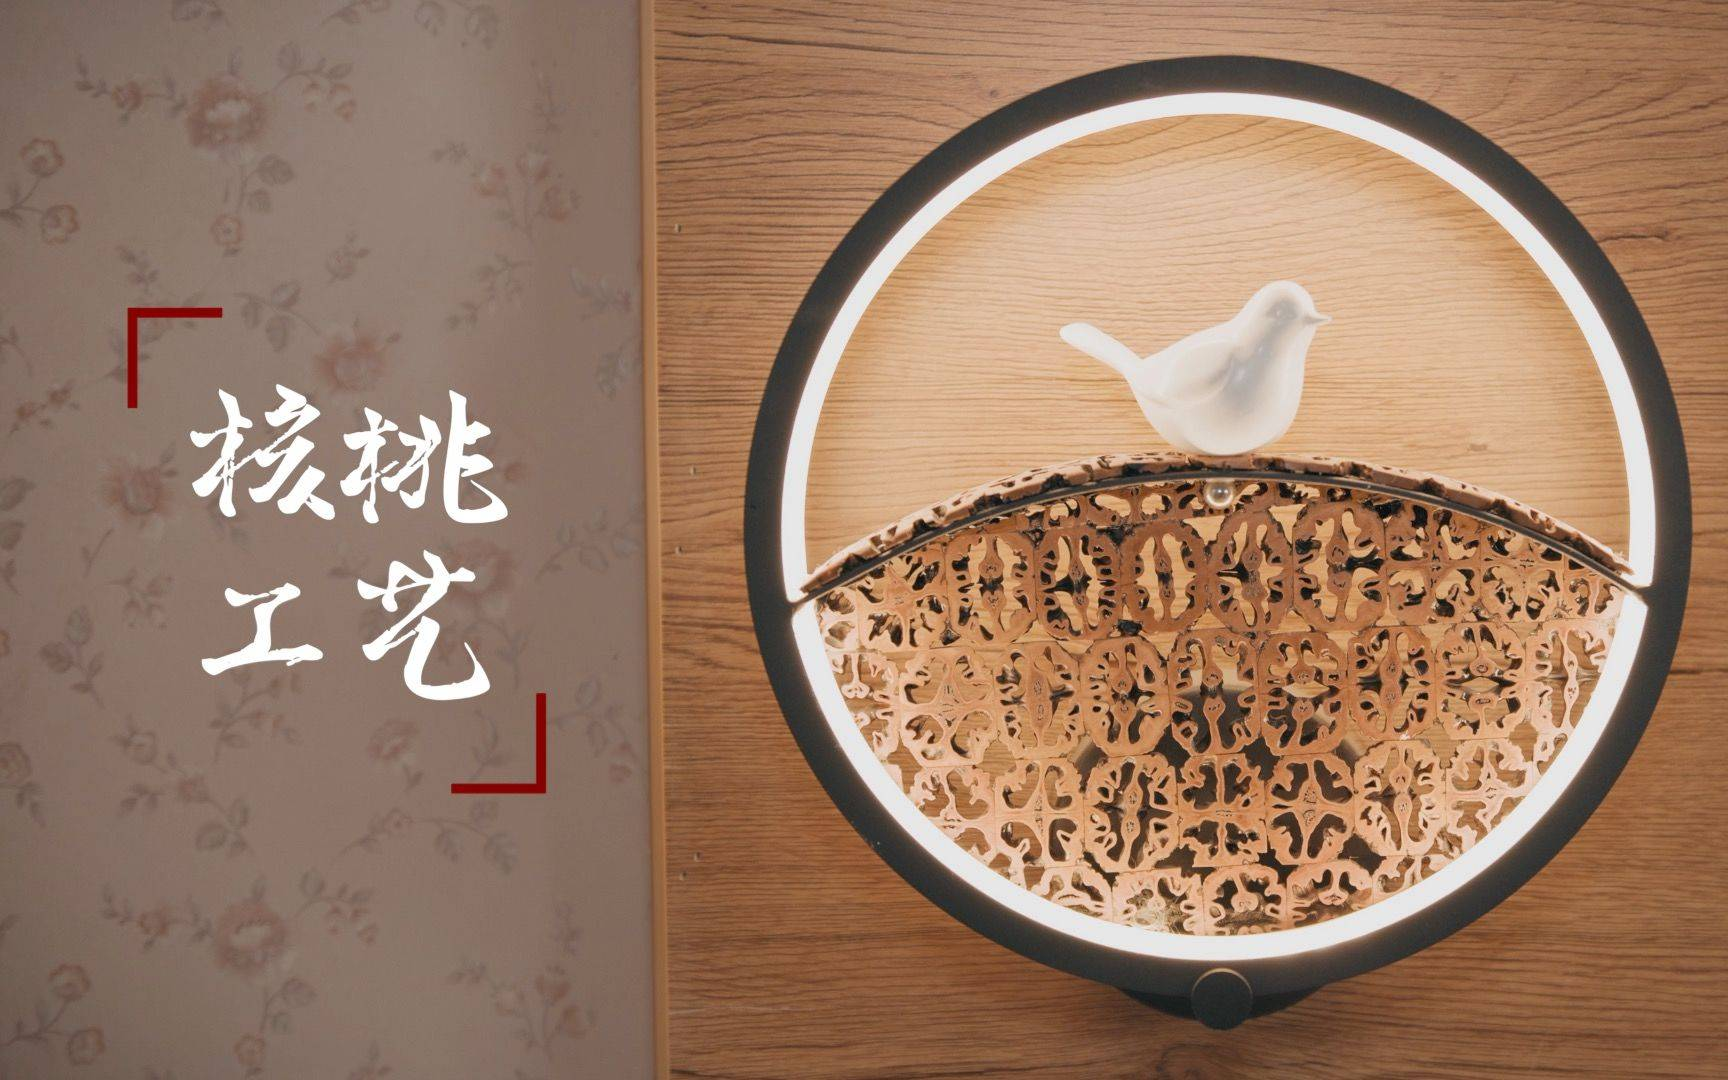 大隐工匠·四川篇 -第17集-核桃工艺丨一颗普通的山核桃也有成为工艺品的潜力!